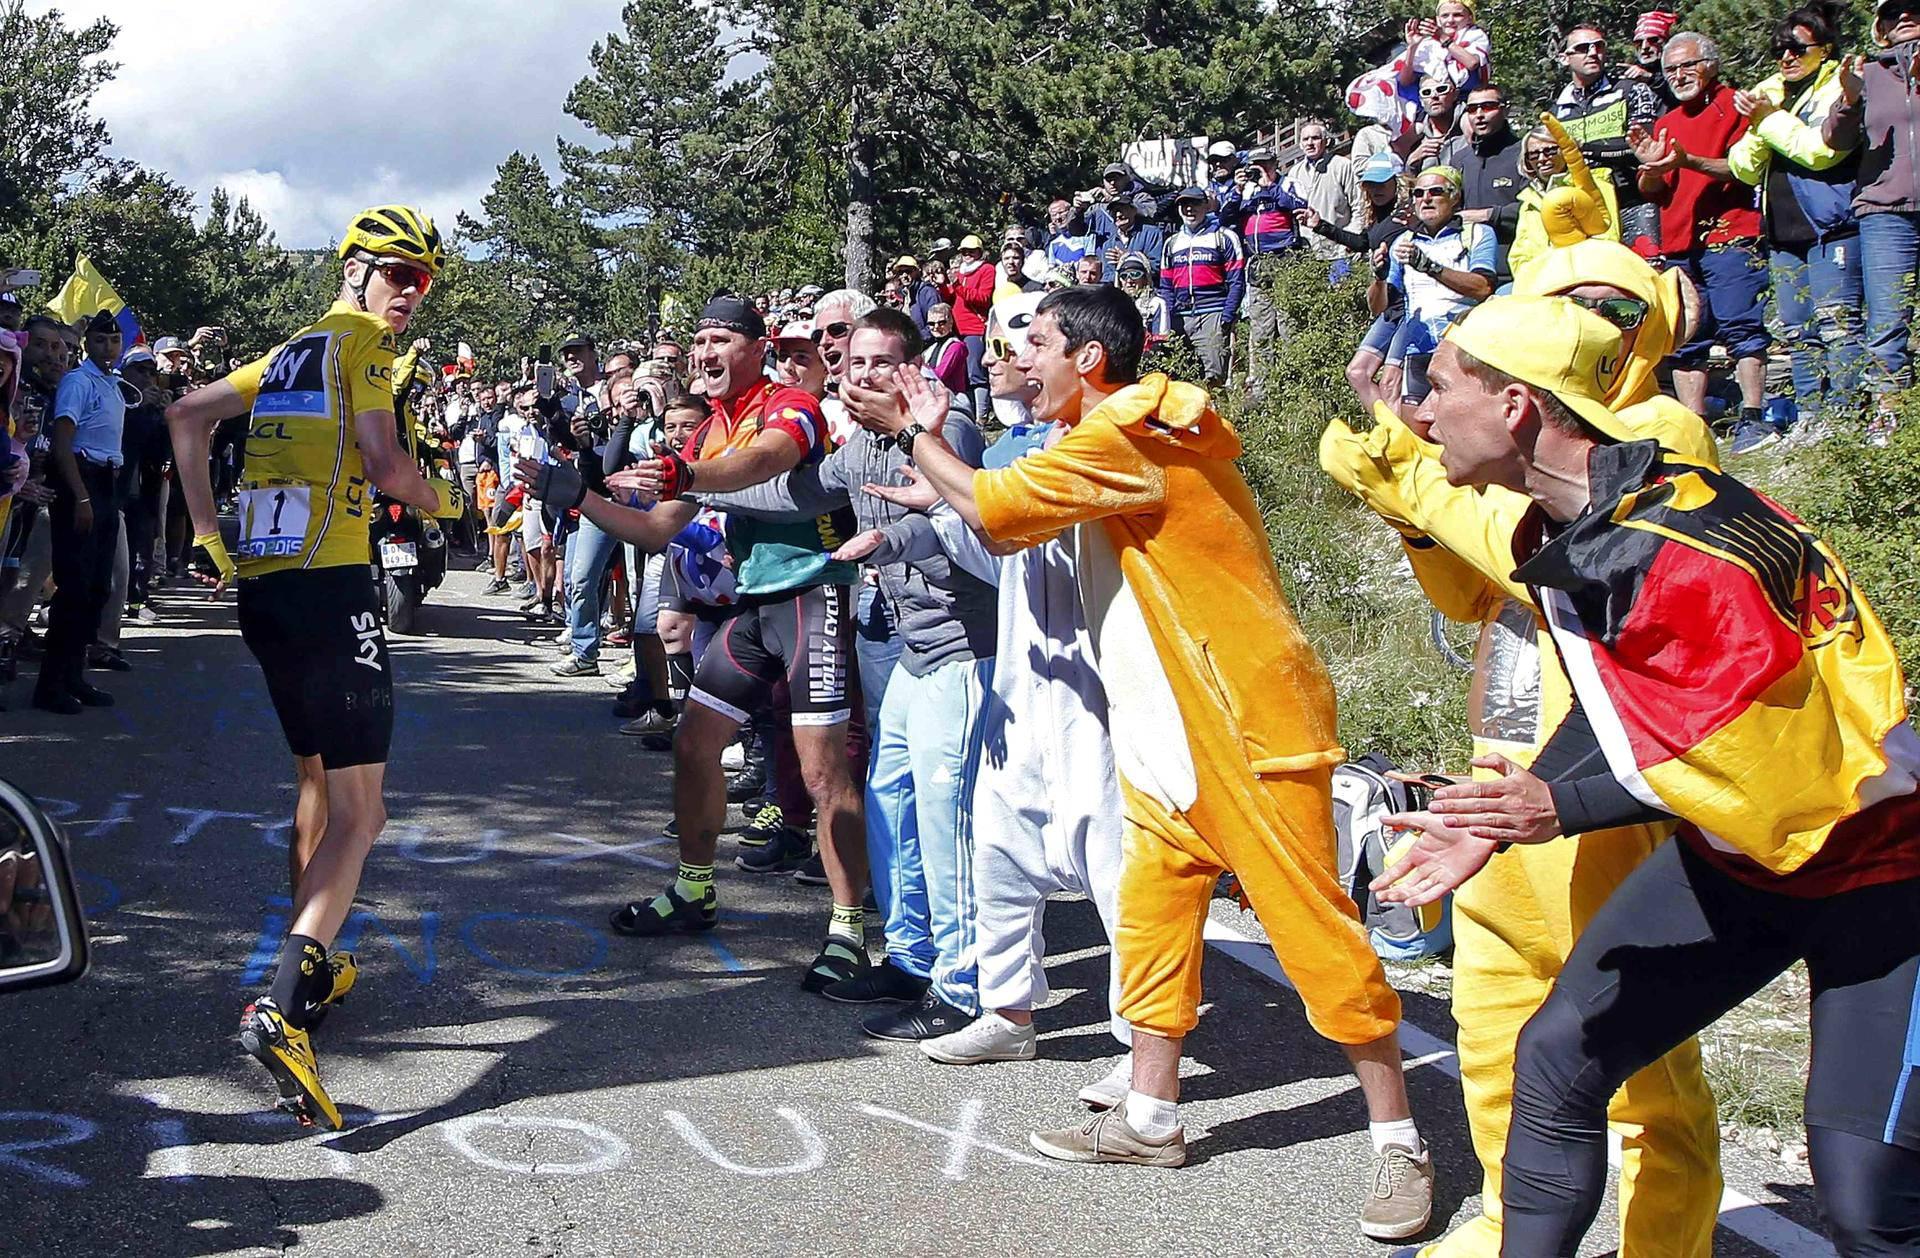 Viime vuoden urheilukuvaksi Ranskassa valittiin tämä heinäkuussa otettu kuva, jossa pyöräilyn Ranskan ympäriajoa johtanut Chris Froome jatkoi matkaansa kaatumisen jälkeen jalkaisin.